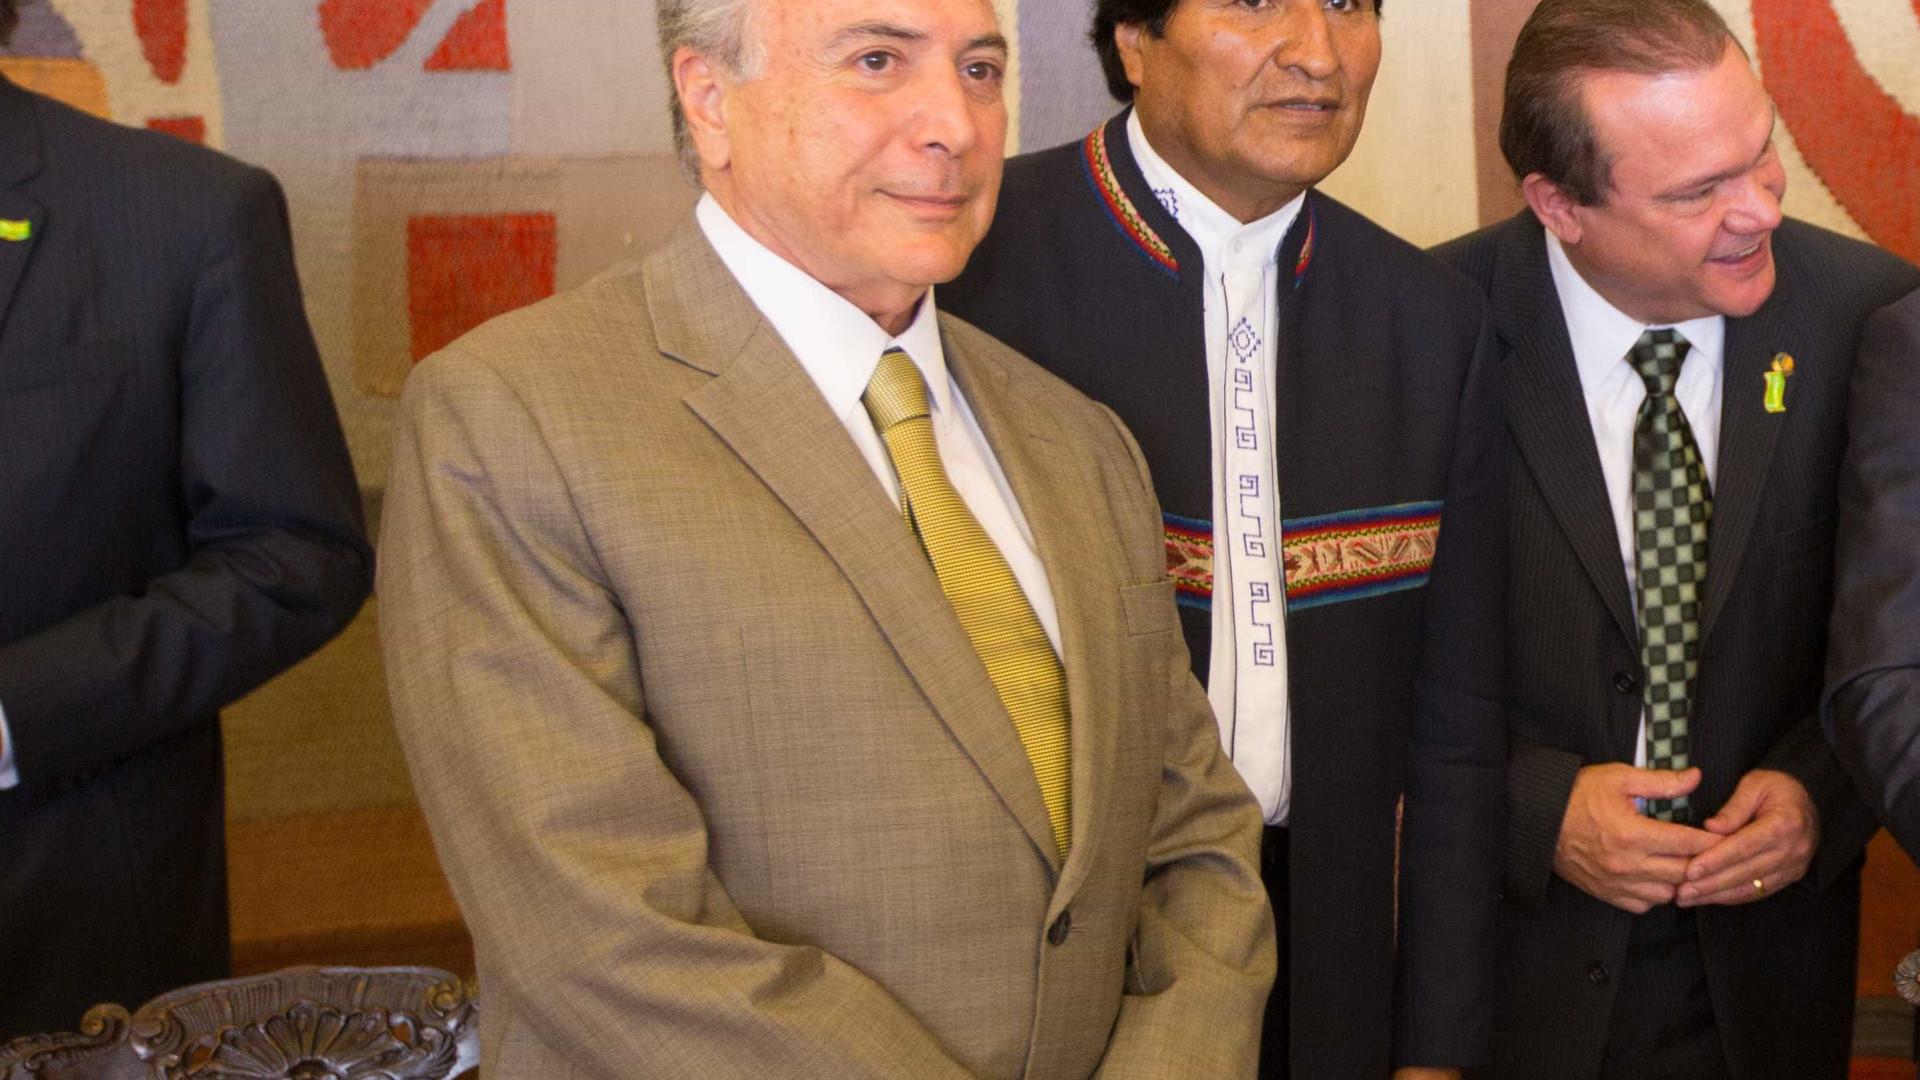 Temer recebe Evo Morales, aliado de Lula e Dilma